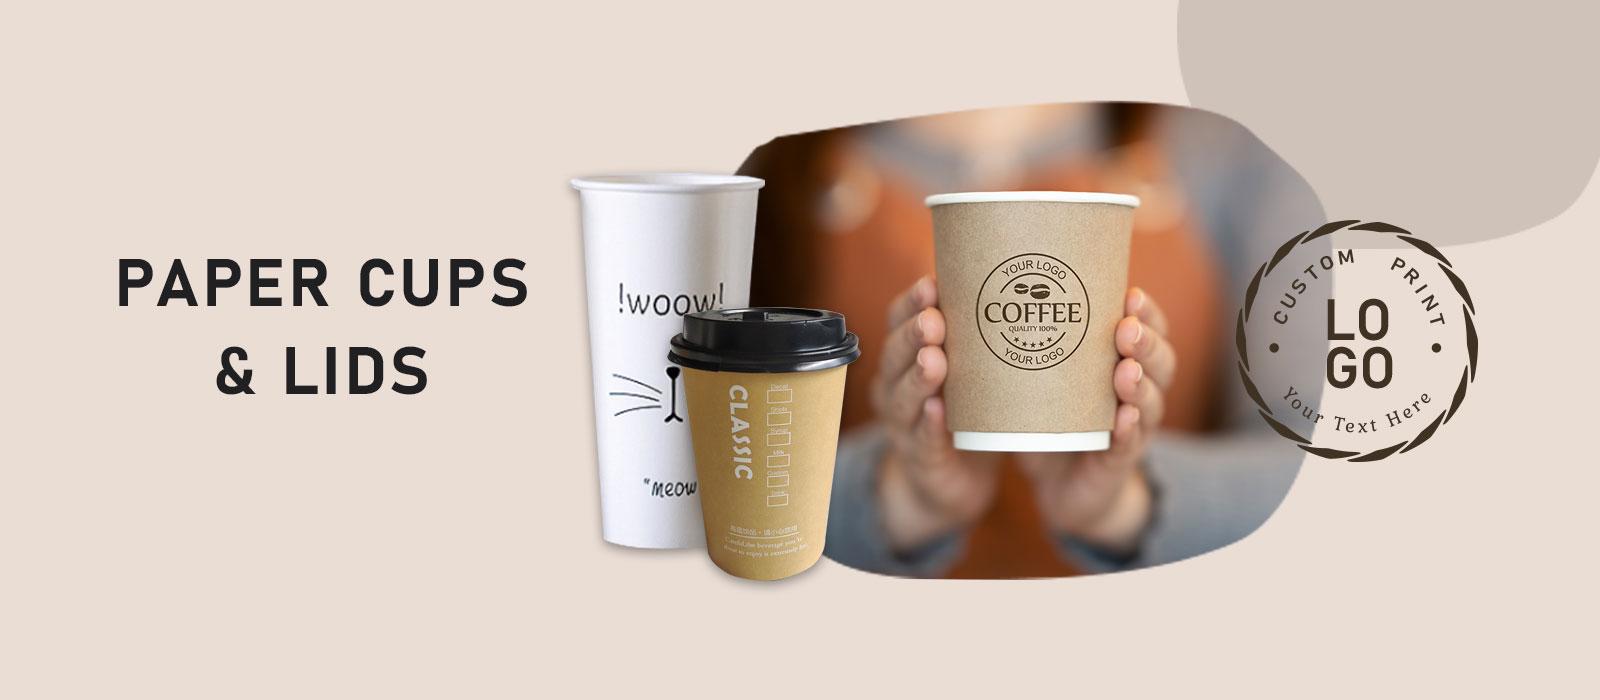 Foodspack-Website-Slider-Paper-Cup